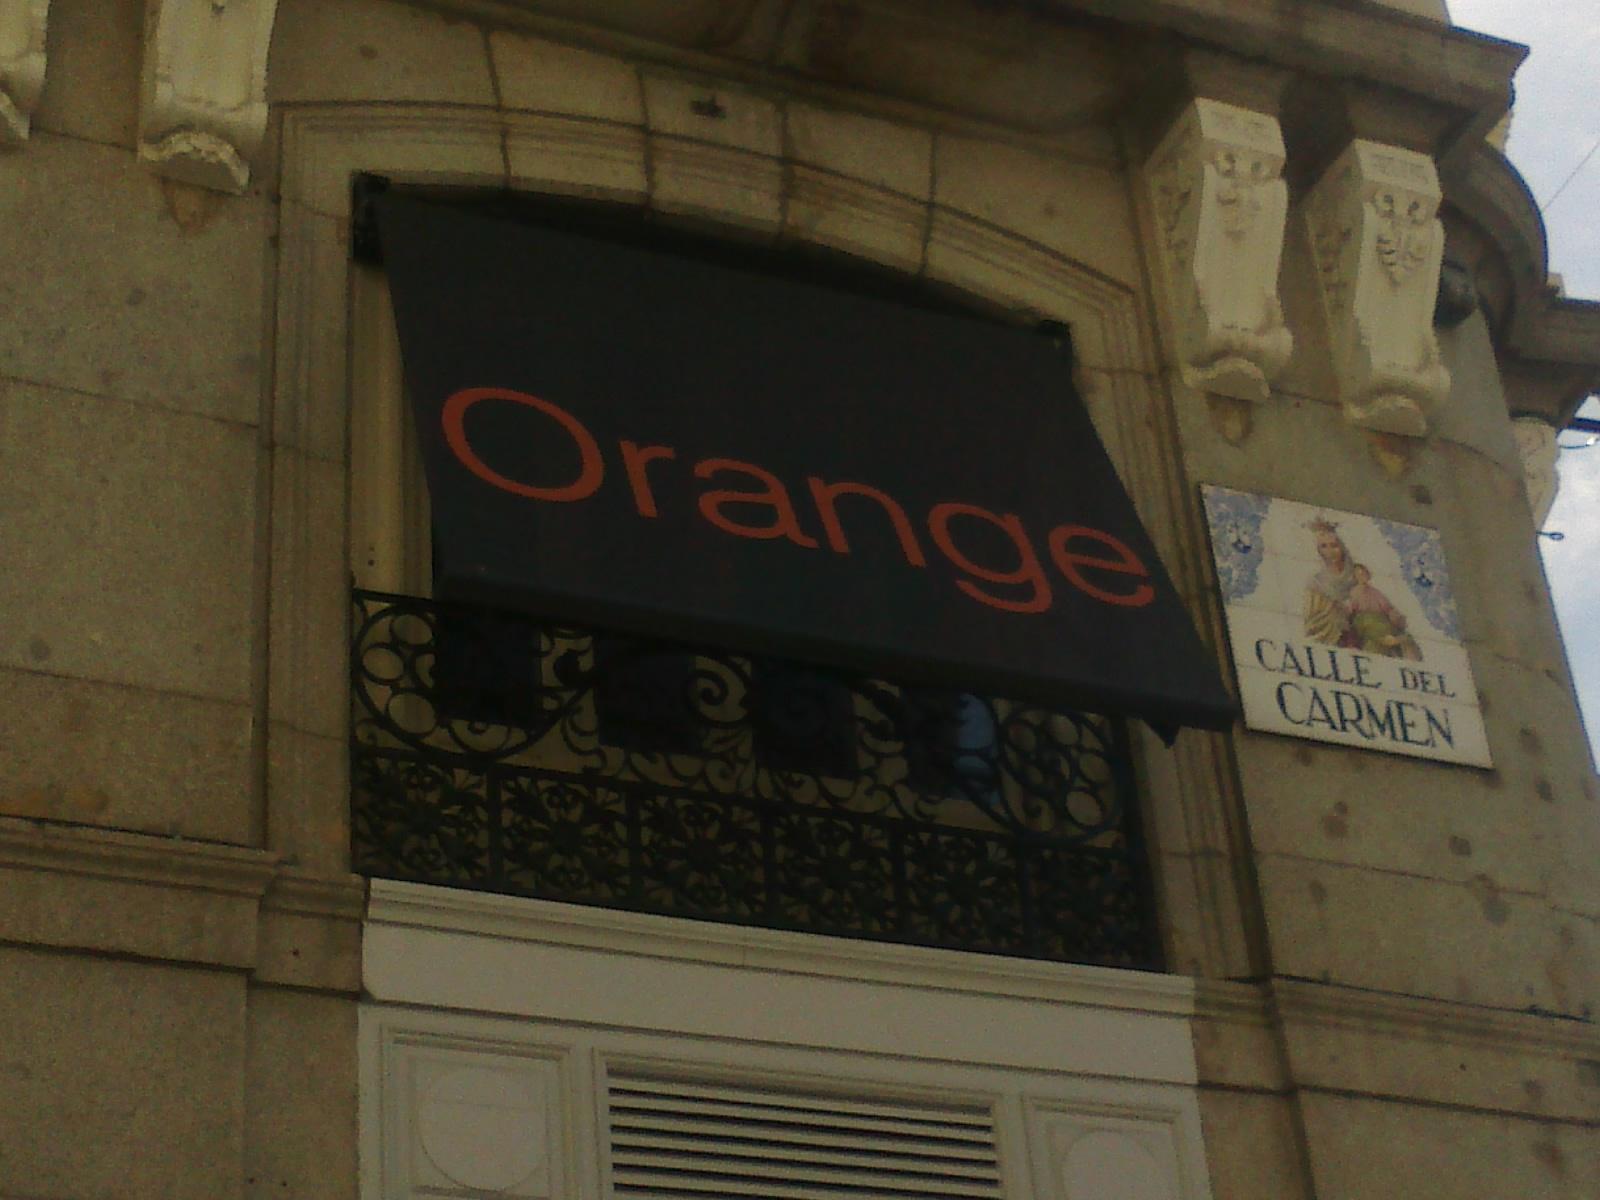 Instalación de toldos tienda Orange de Madrid - Toldos Alcorcón